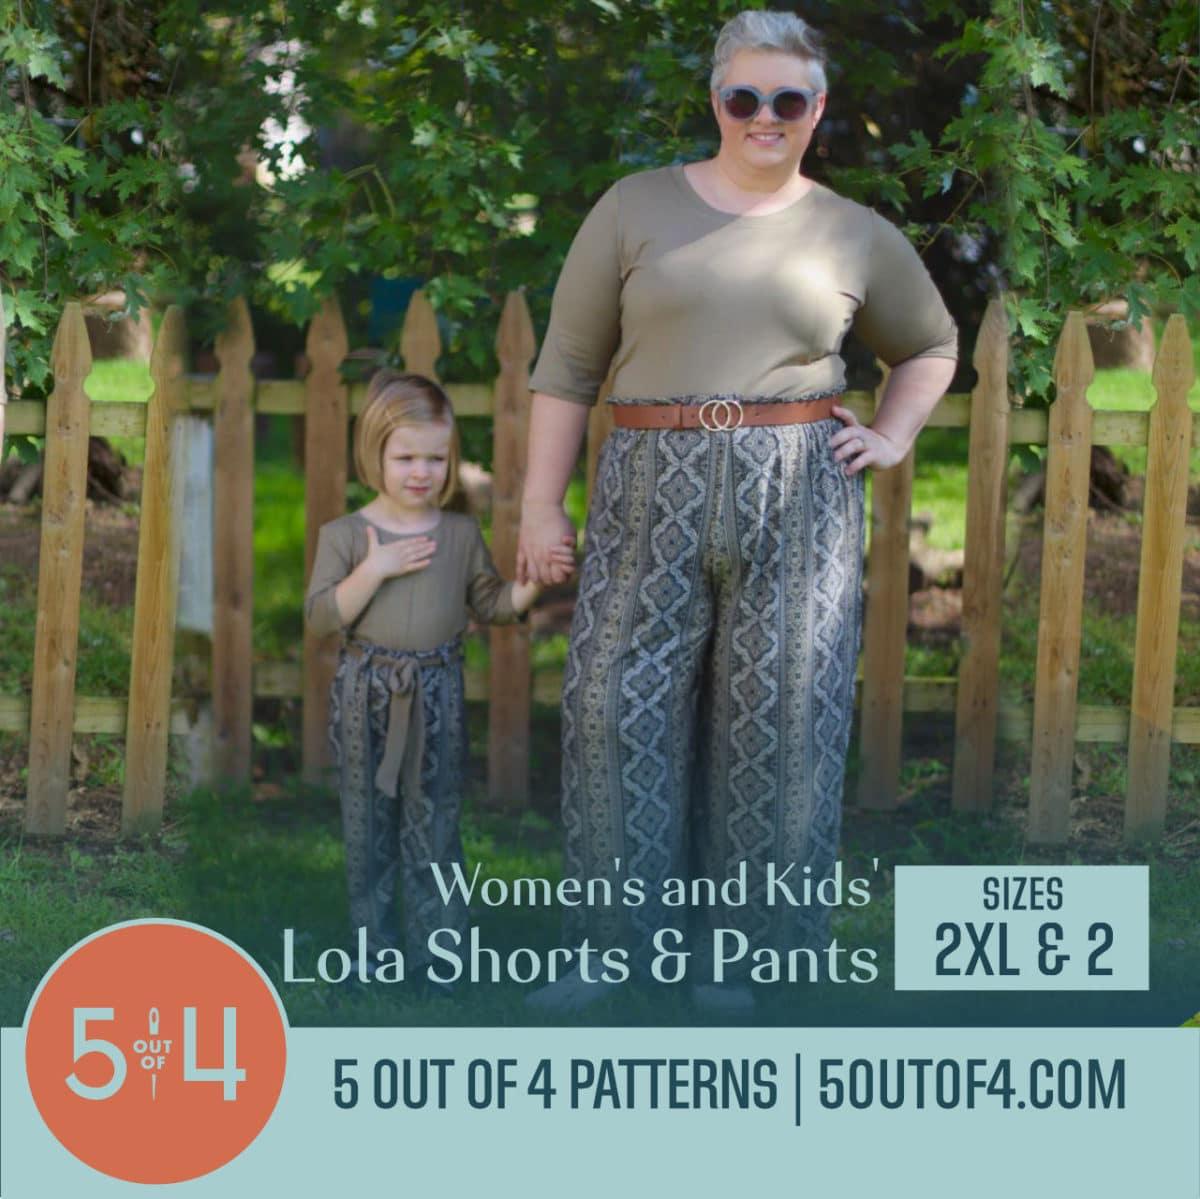 Lola Bundle 2xl and 2